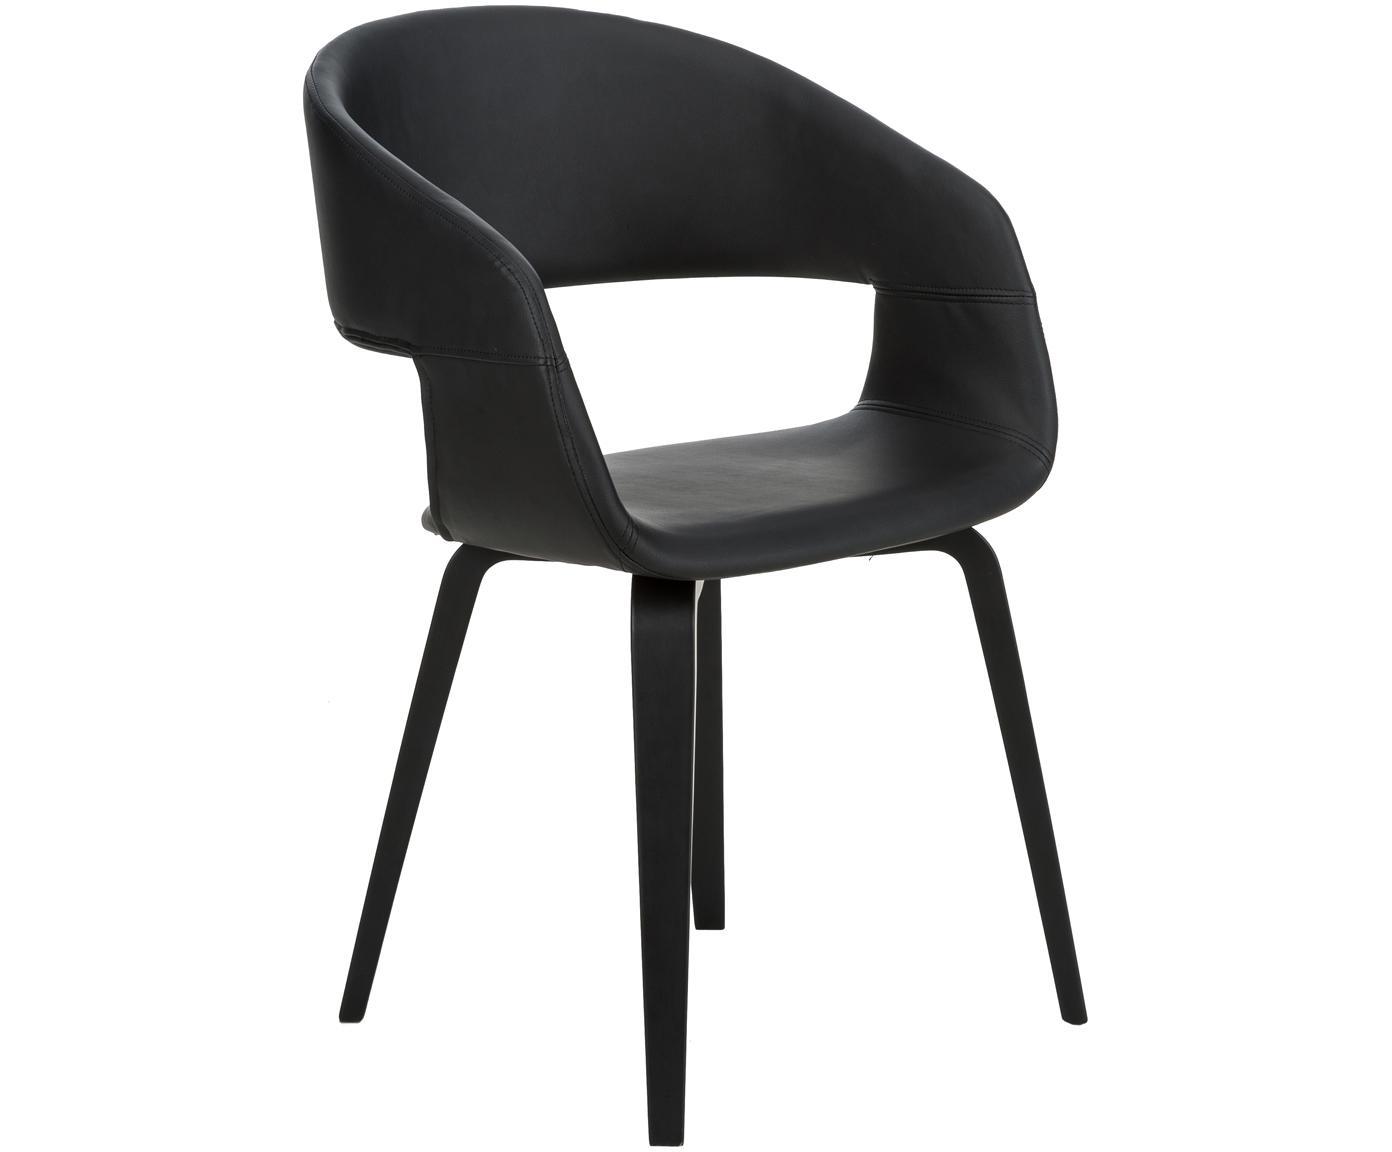 Sedie con braccioli  Nova, 2 pz., Gambe: compensato di rovere vern, Rivestimento: similpelle (poliuretano), Nero, L 50 x A 77 cm